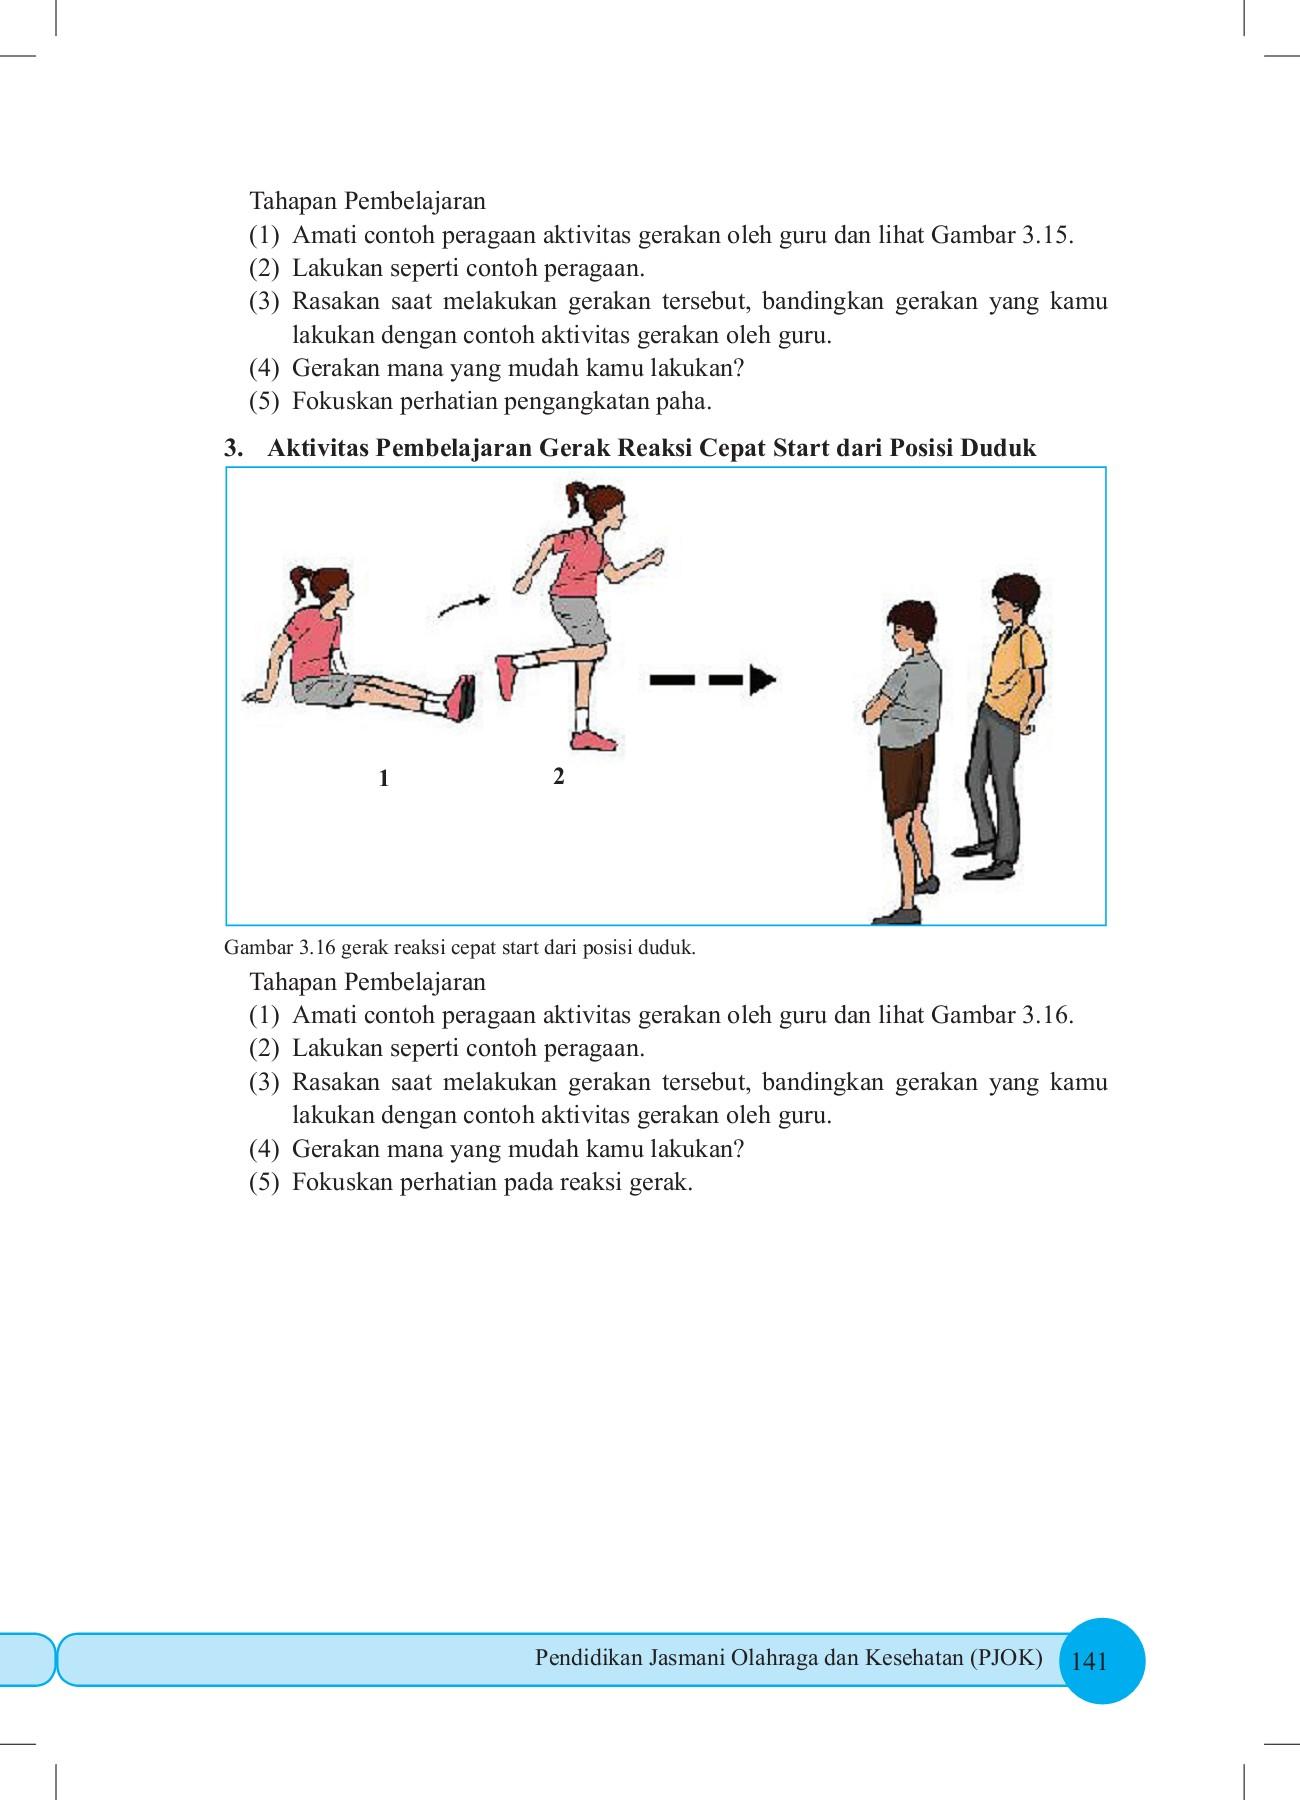 Sebutkan Empat Prinsip Dasar Gerakan Lengan Jalan Cepat : sebutkan, empat, prinsip, dasar, gerakan, lengan, jalan, cepat, Kelas8_pjok_buku_siswa_smp_mts_kelas_viii_2027(unduhbuku.com), Pages, Download, FlipHTML5